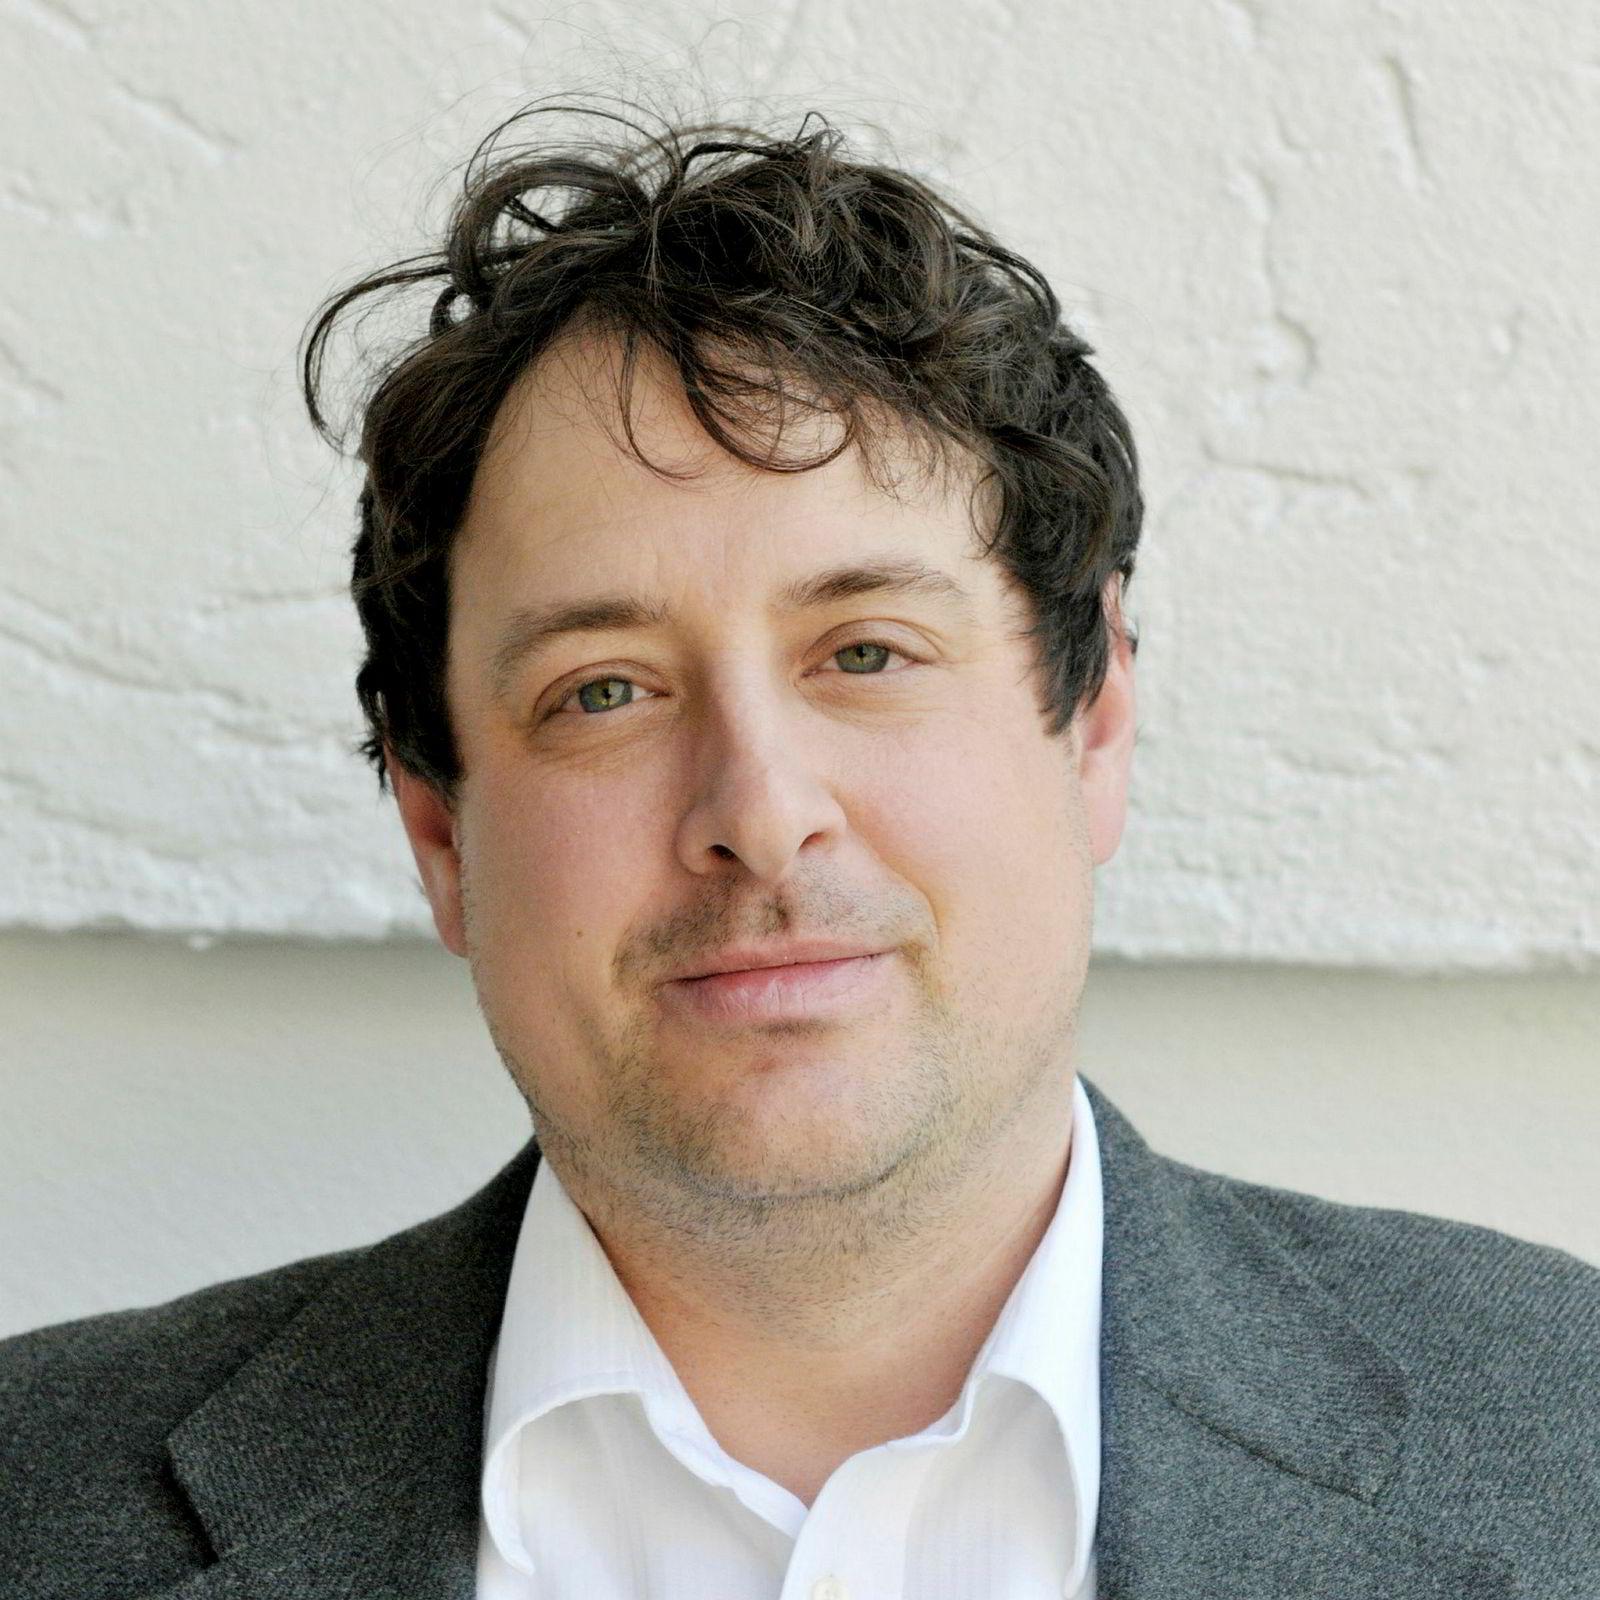 Førsteamanuensis Carsten Gero Bienz Norges Handelshøyskole er ekspert på bitcoin.